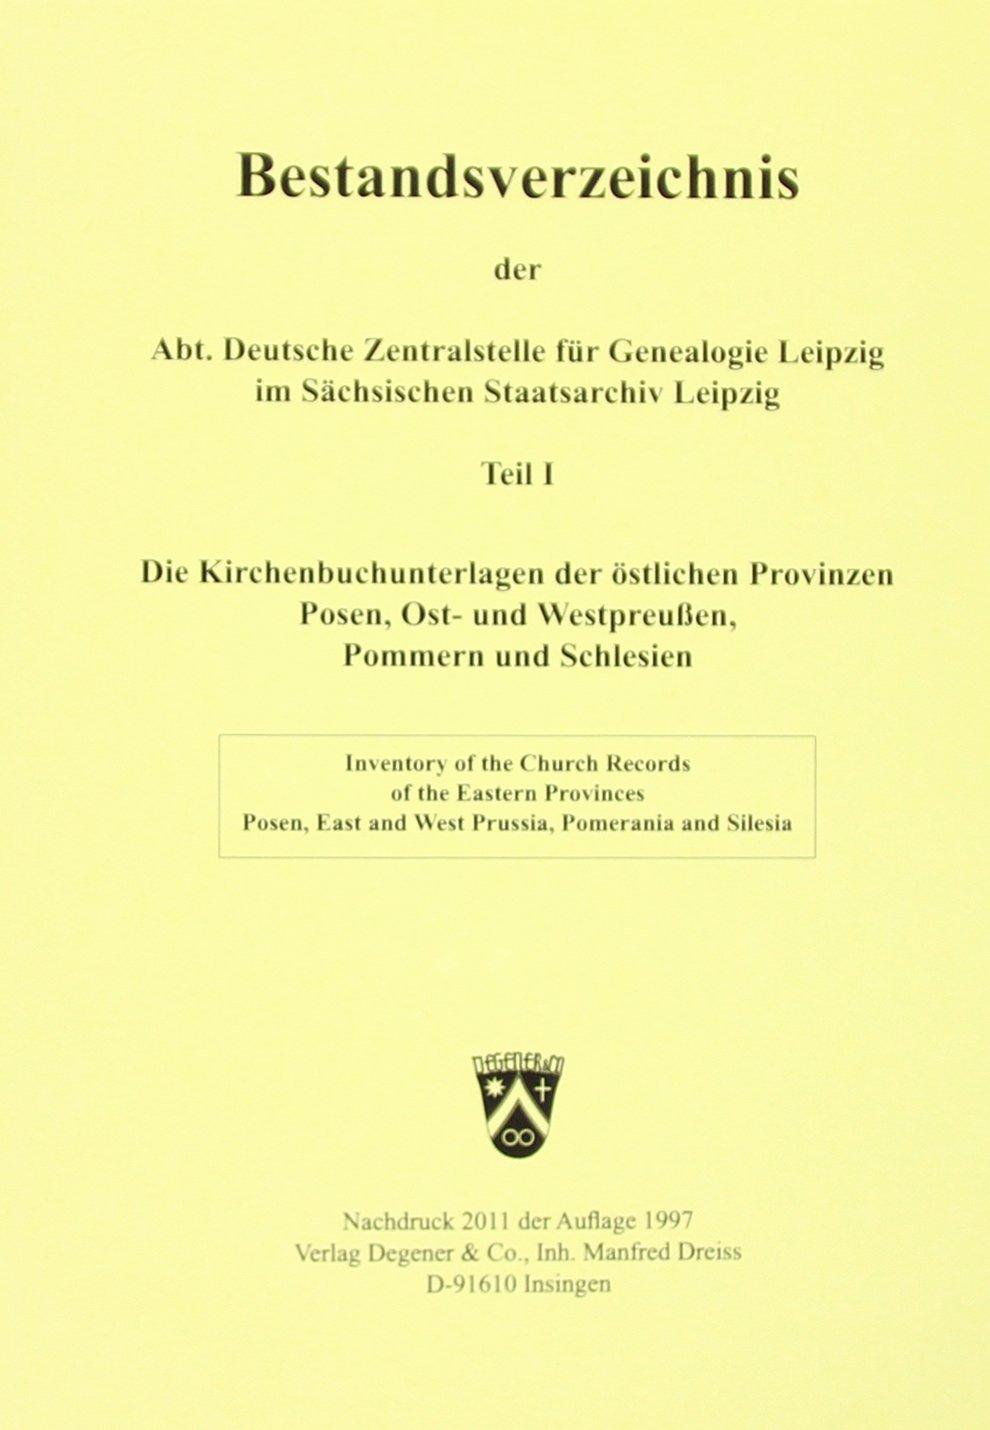 Bestandsverzeichnis der Deutschen Zentralstelle für Genealogie Leipzig / Die Kirchenbuchunterlagen der östlichen Provinzen Posen, Ost- und ... und Schlesien (Genealogische Informationen)